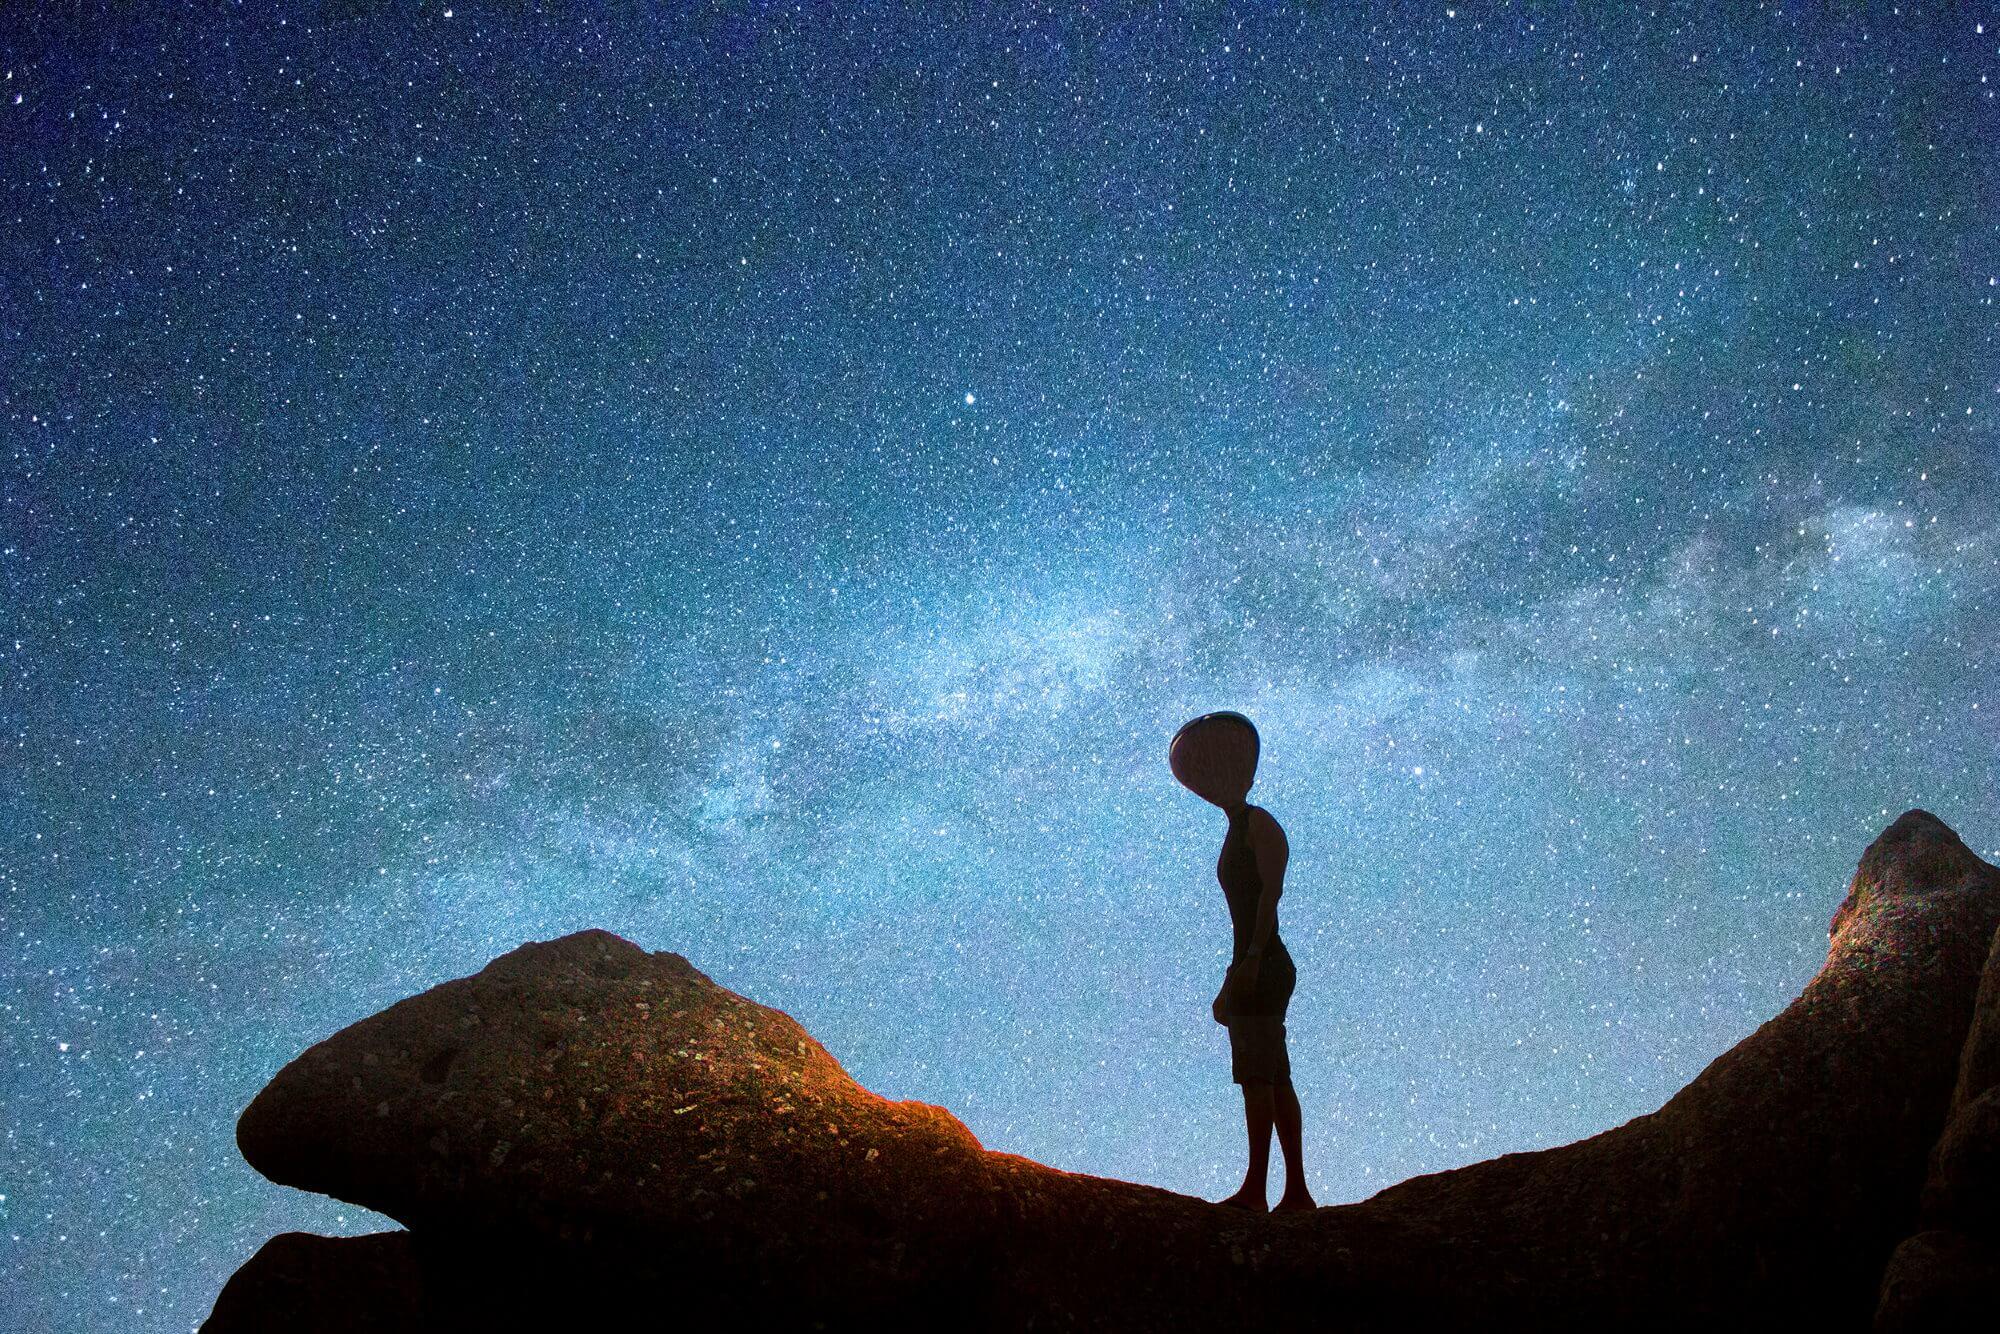 По мнению специалистов из NASA, за пределами Земли нужно искать необычные формы жизни